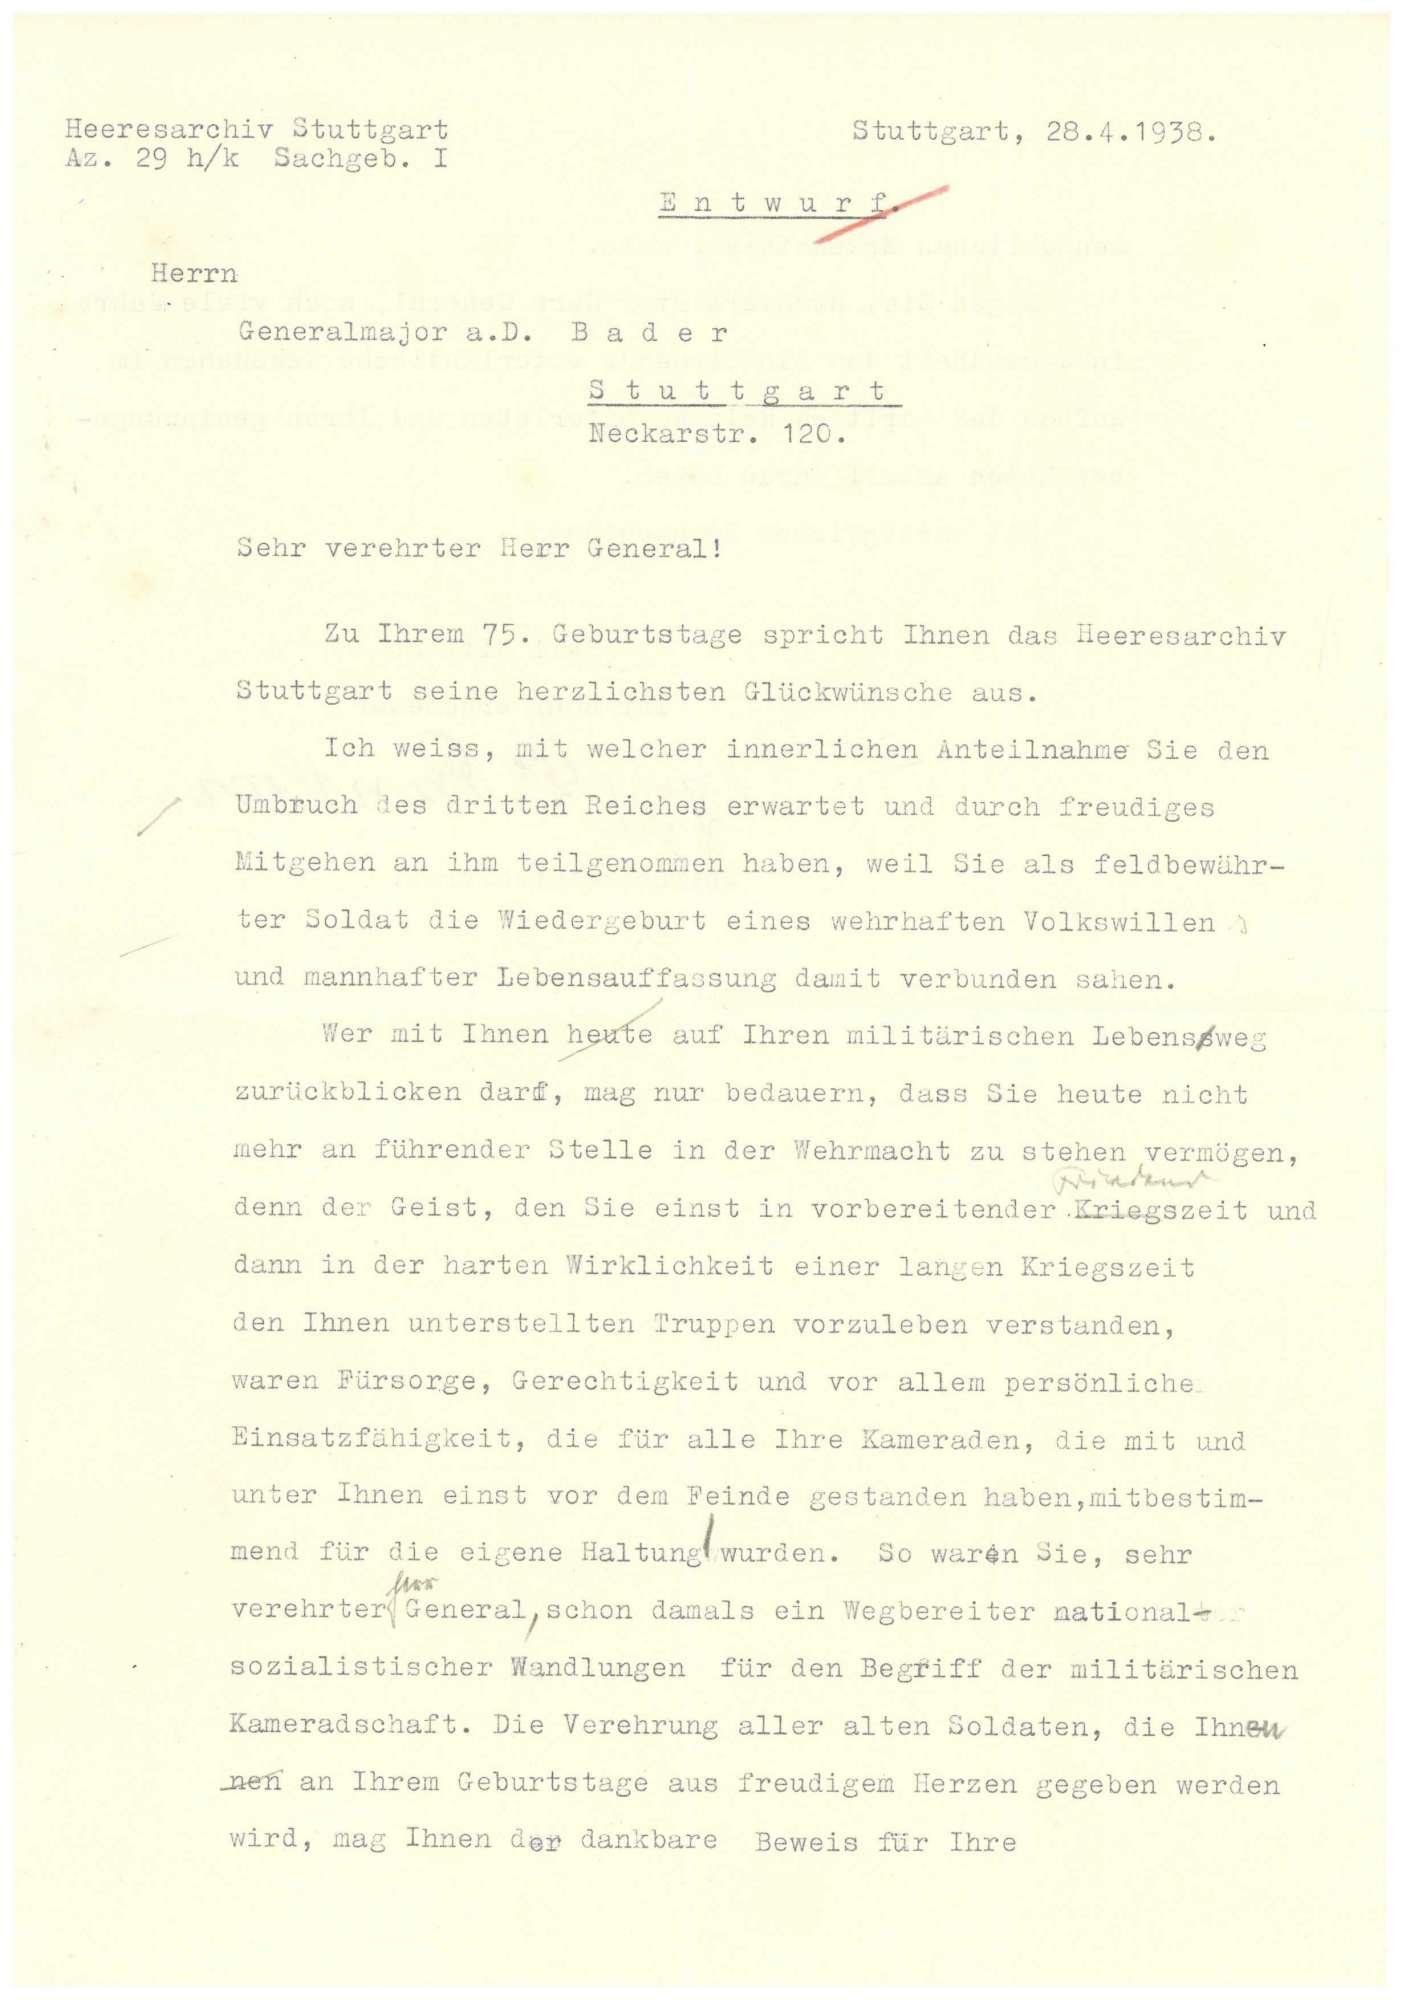 Bader, Wilhelm, Bild 2